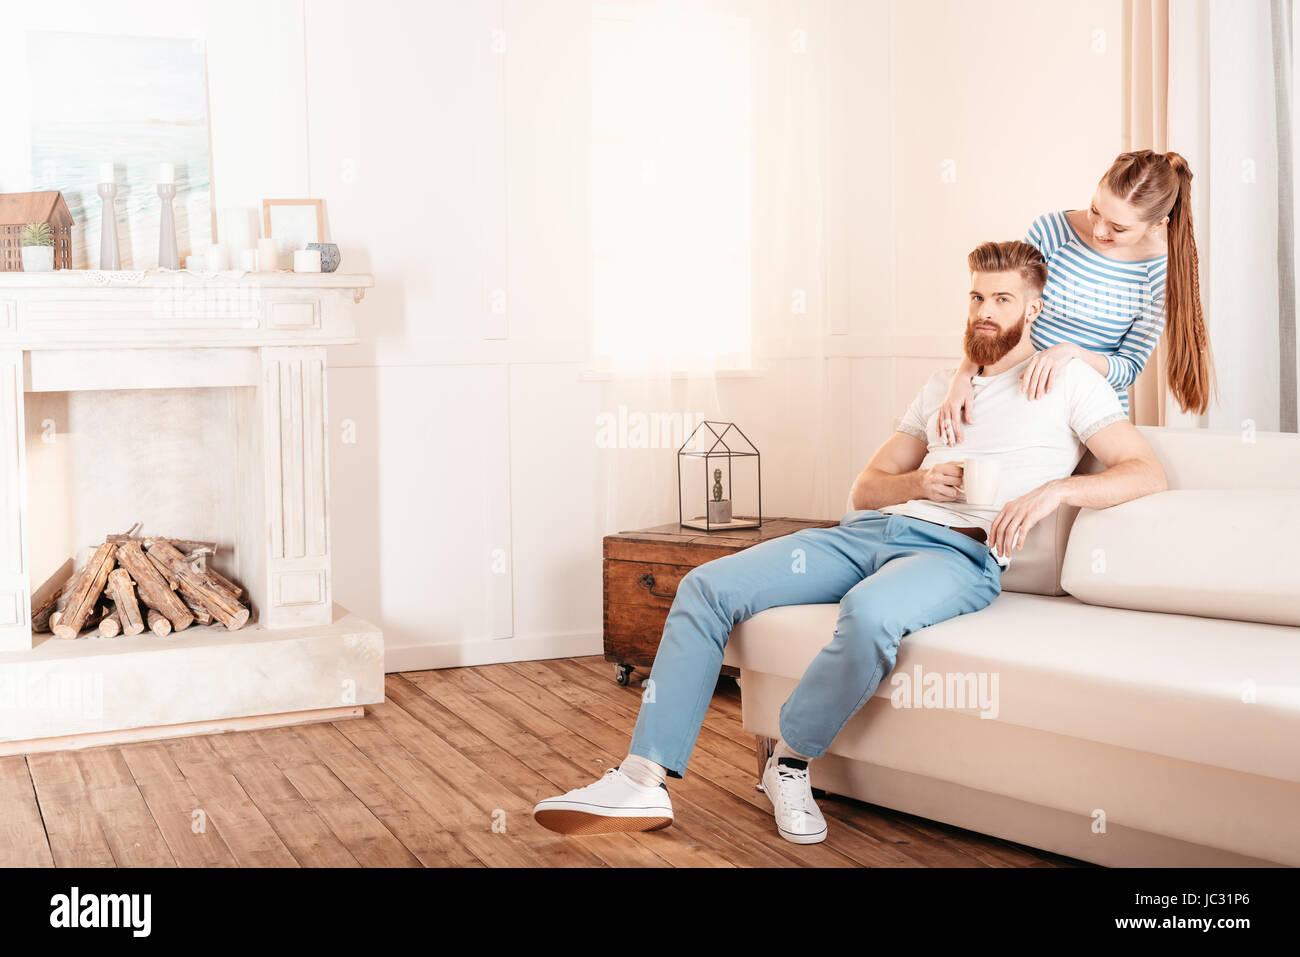 Bella giovane donna abbracciando bello barbuto uomo seduto sul divano di casa Immagini Stock